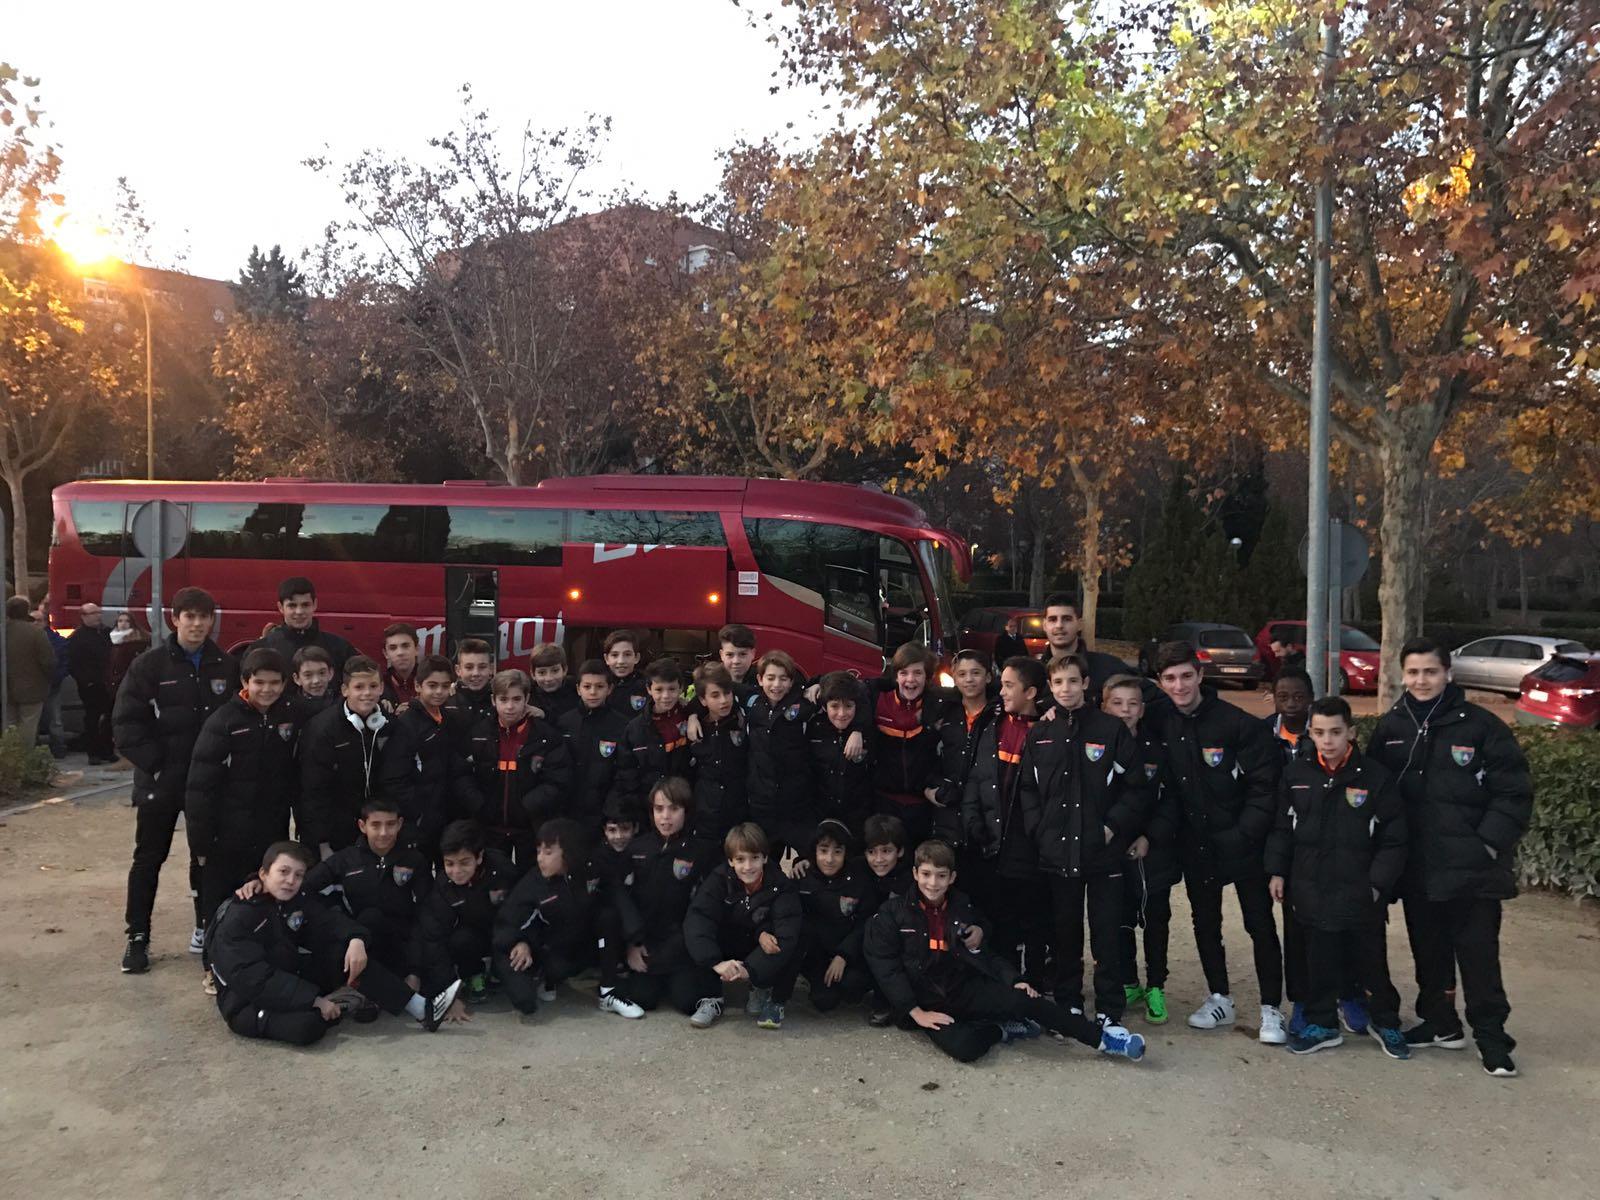 El Infantil C y el Alevín A disfrutarán hoy de una jornada especial en Valladolid